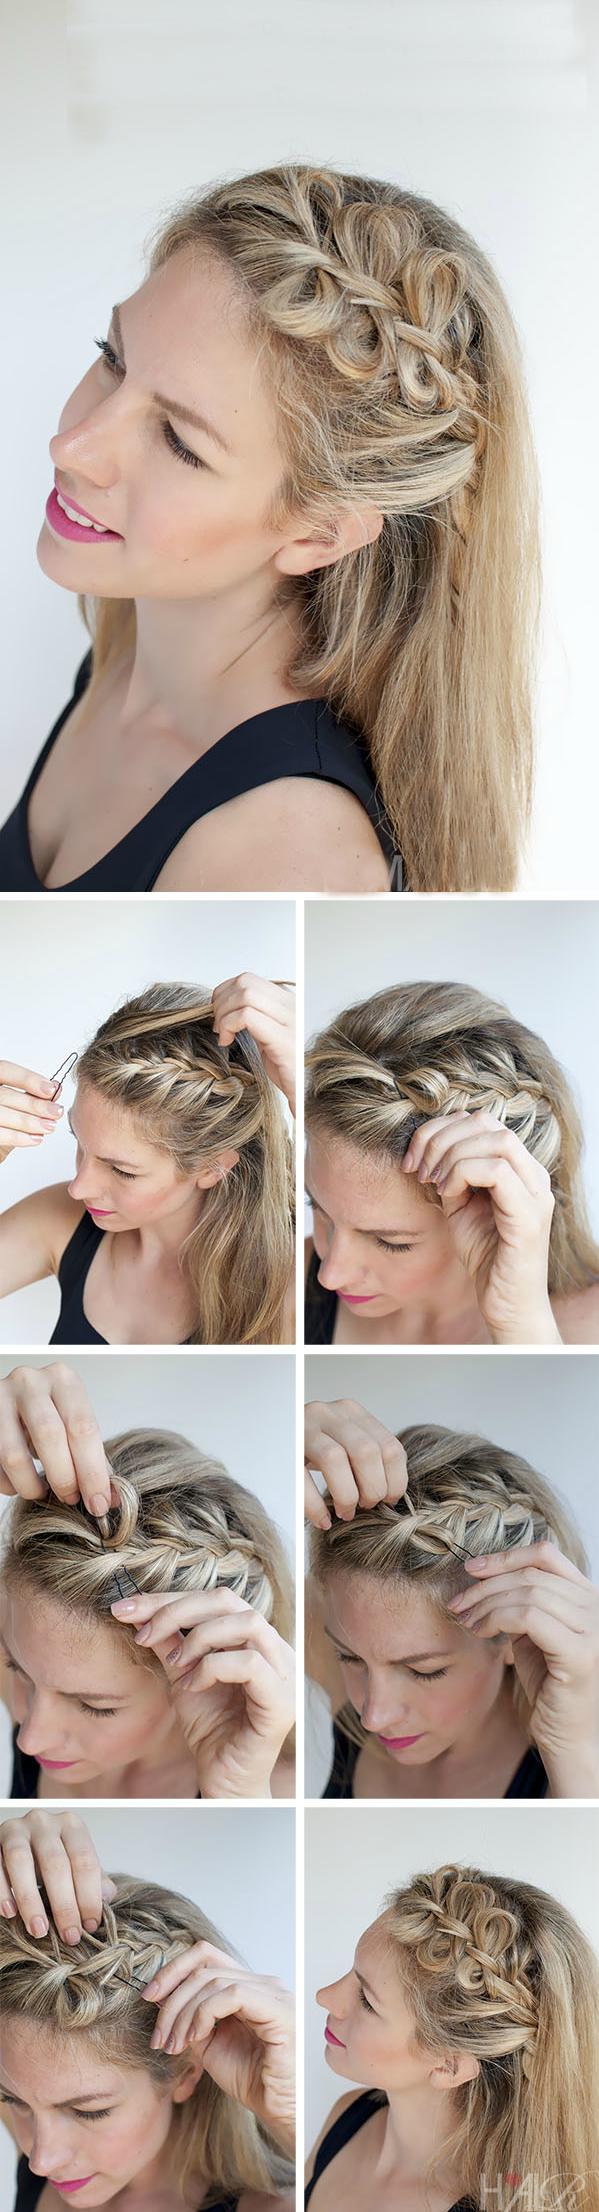 Schulterlange Haare flechten: 8+ kinderleichte Anleitungen für